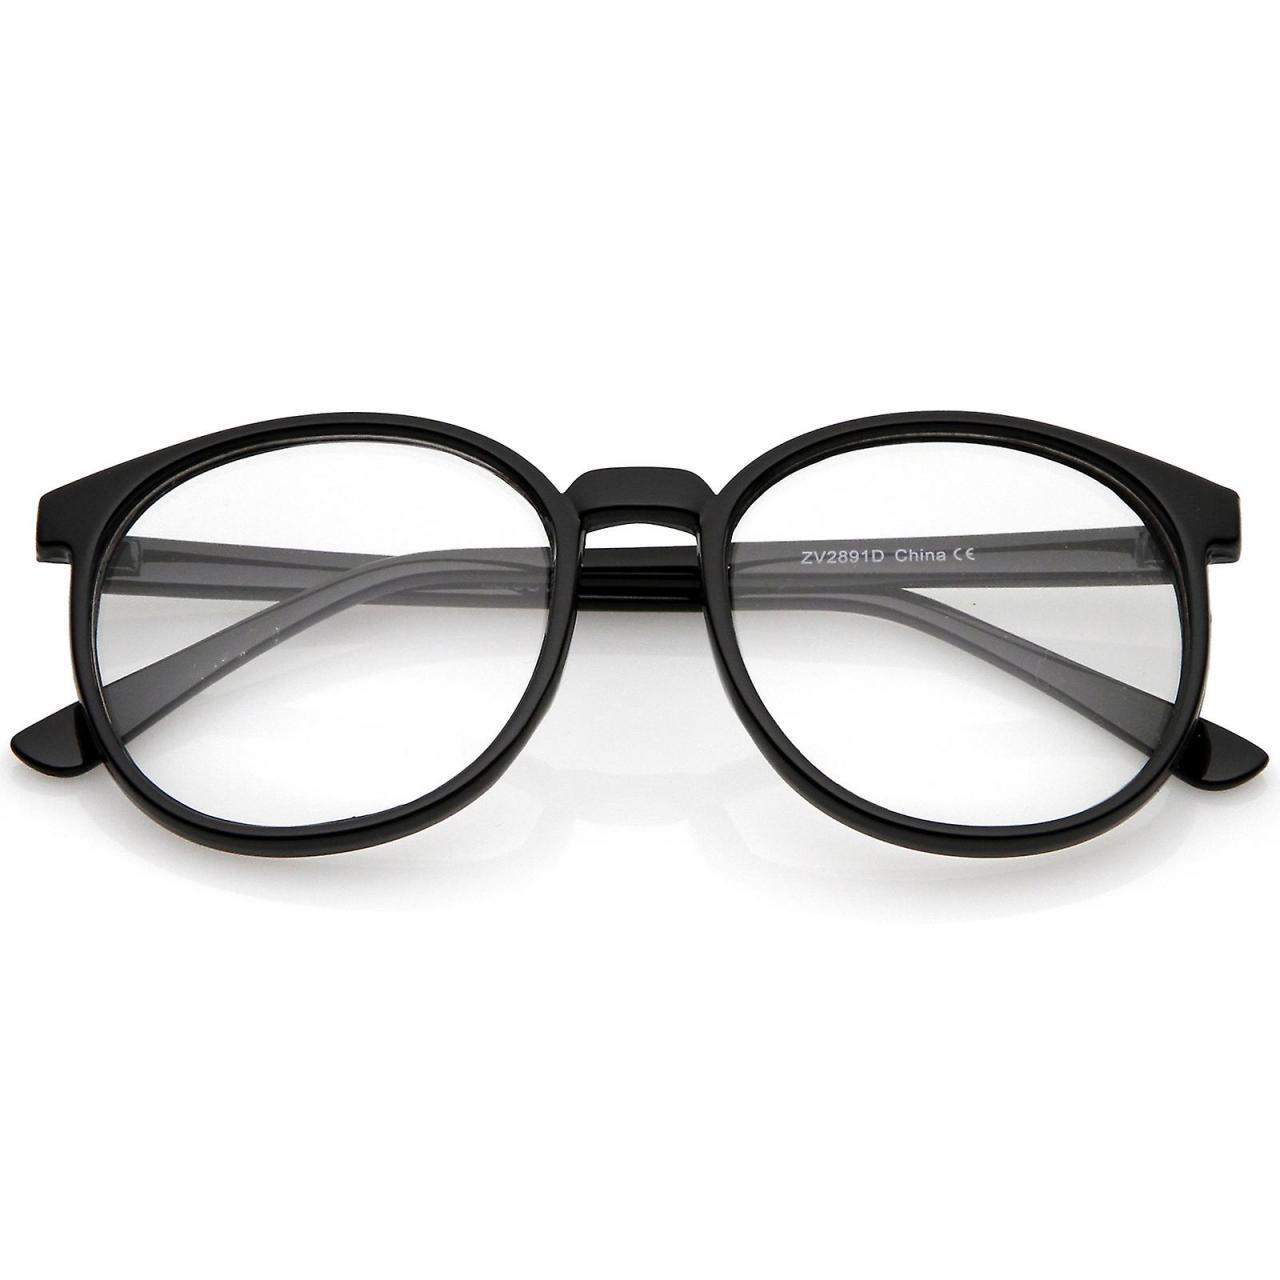 صورة اشكال نظارات طبية , نظارات طبيه حديثه وباشكال متعدده